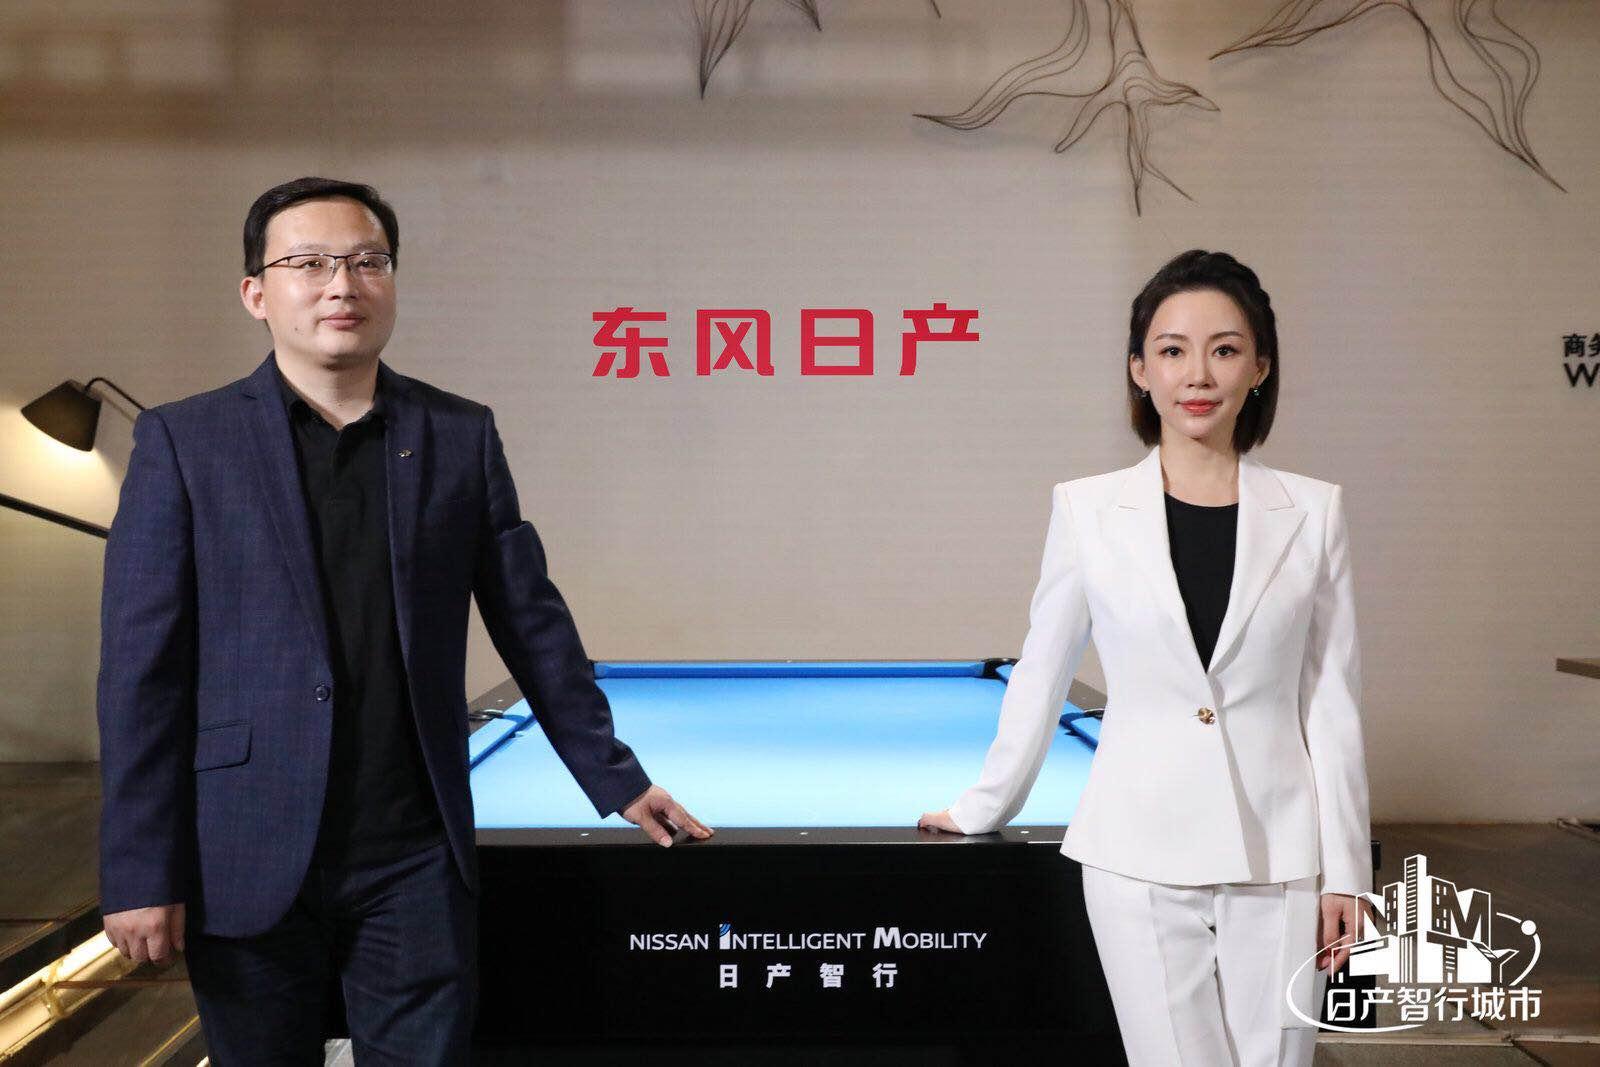 与潘晓婷一起体验智造!东风日产启动日产智行城市活动